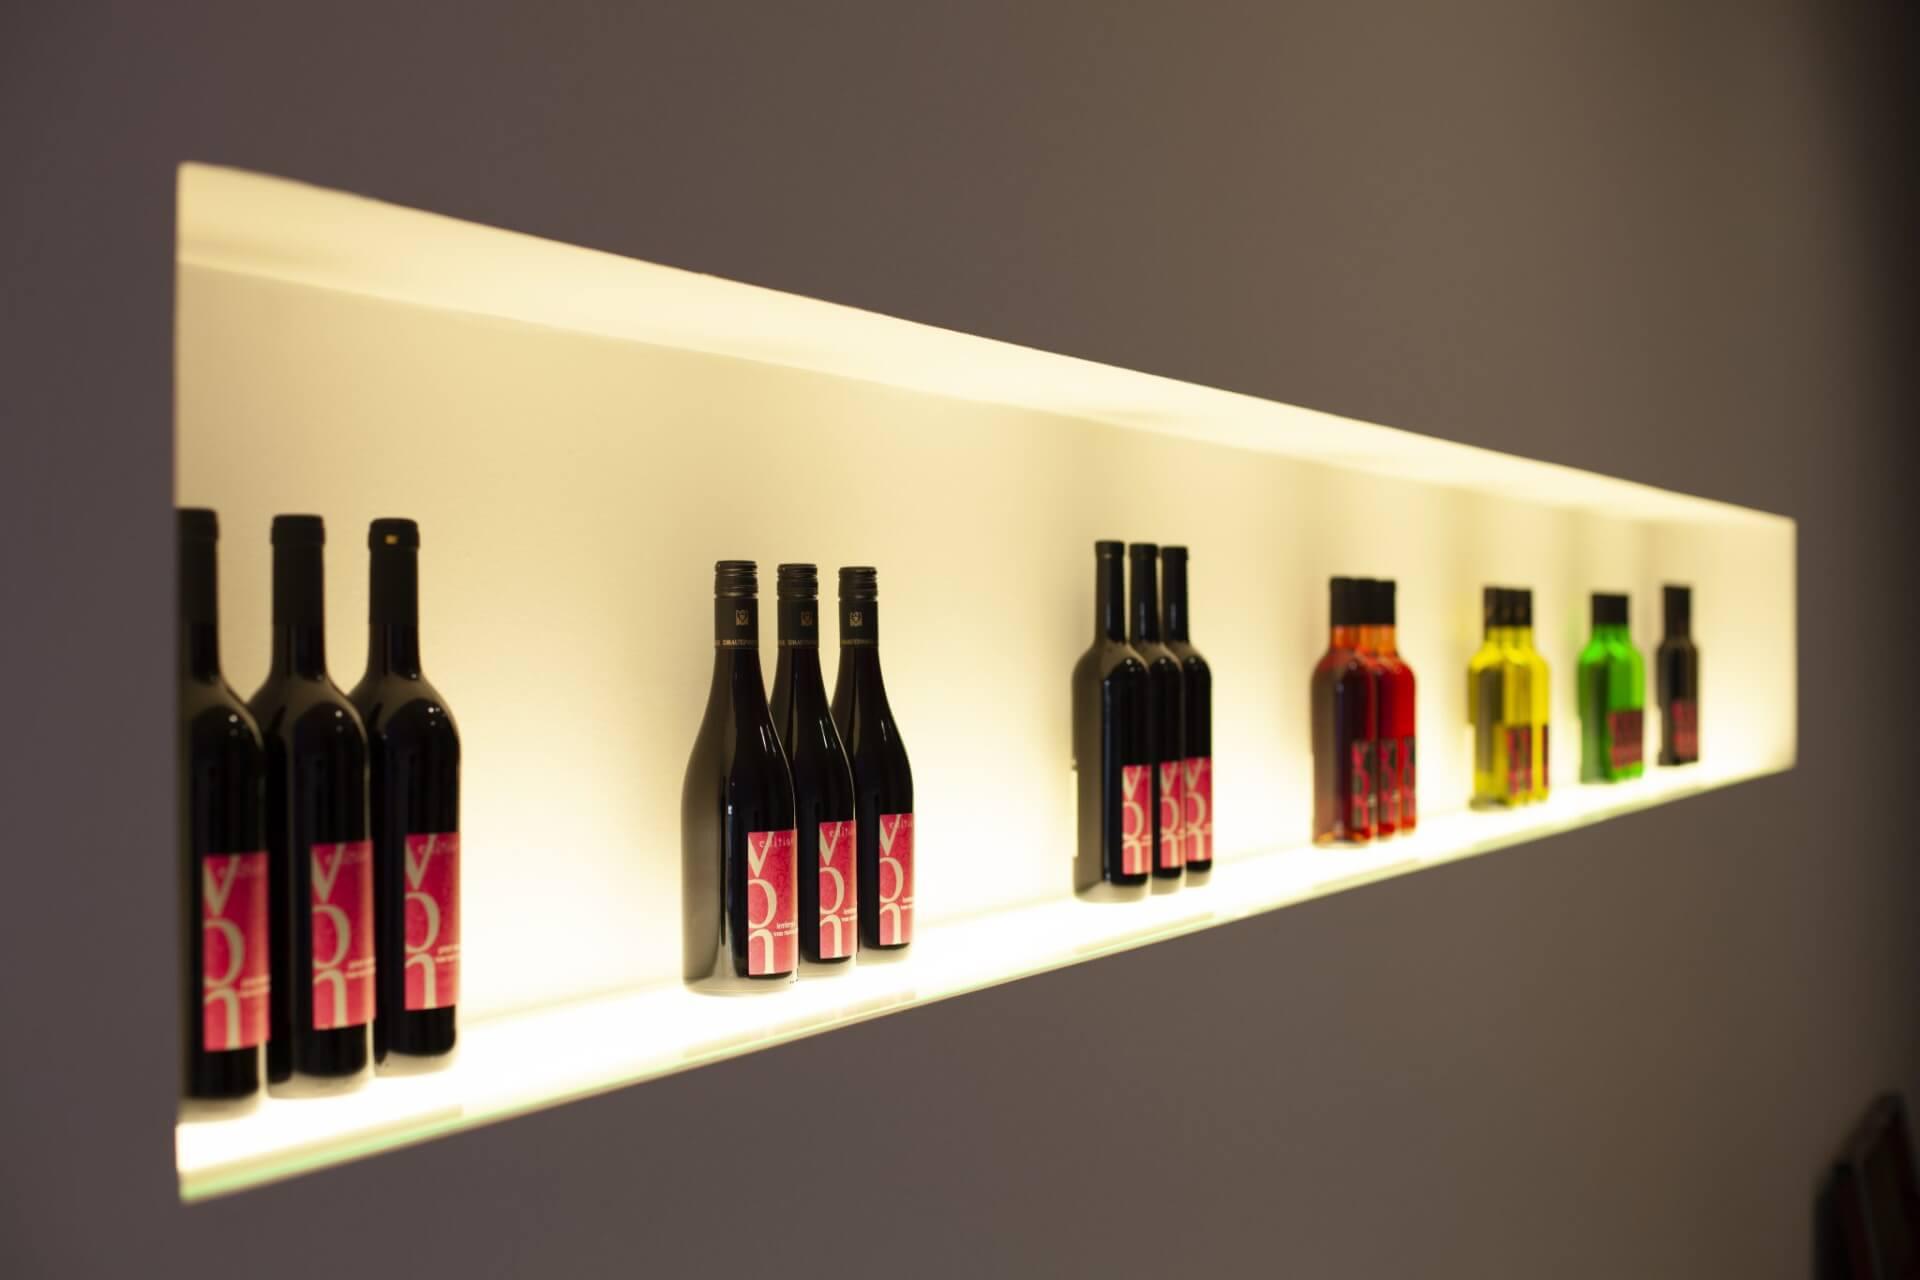 Umbau Hunfeld Wein in Wiefelstede